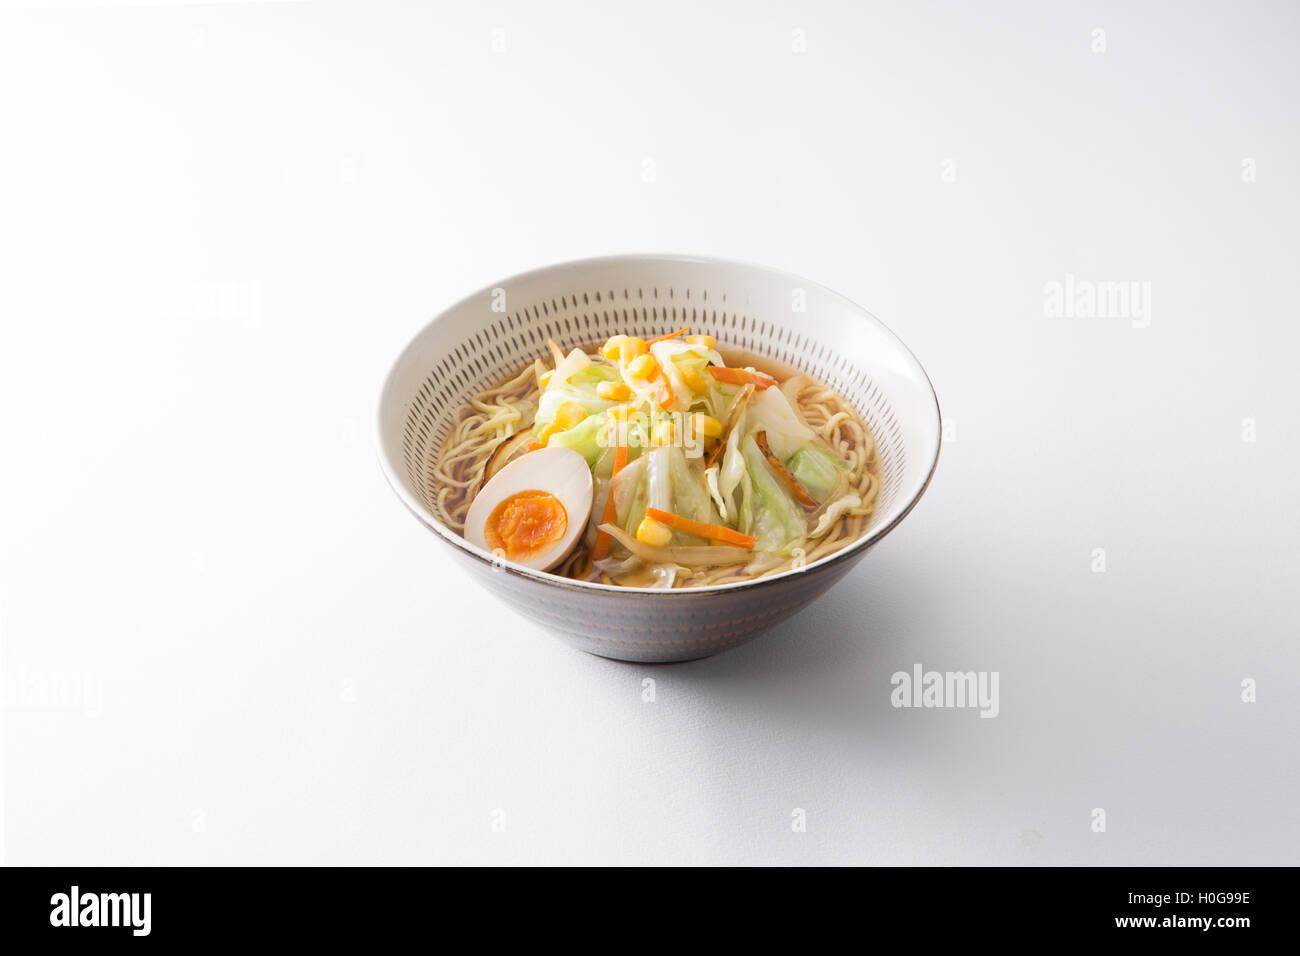 Koishiwara bol ramen japonais grillé avec des œufs, du chou, nouilles et le maïs sur fond blanc Photo Stock